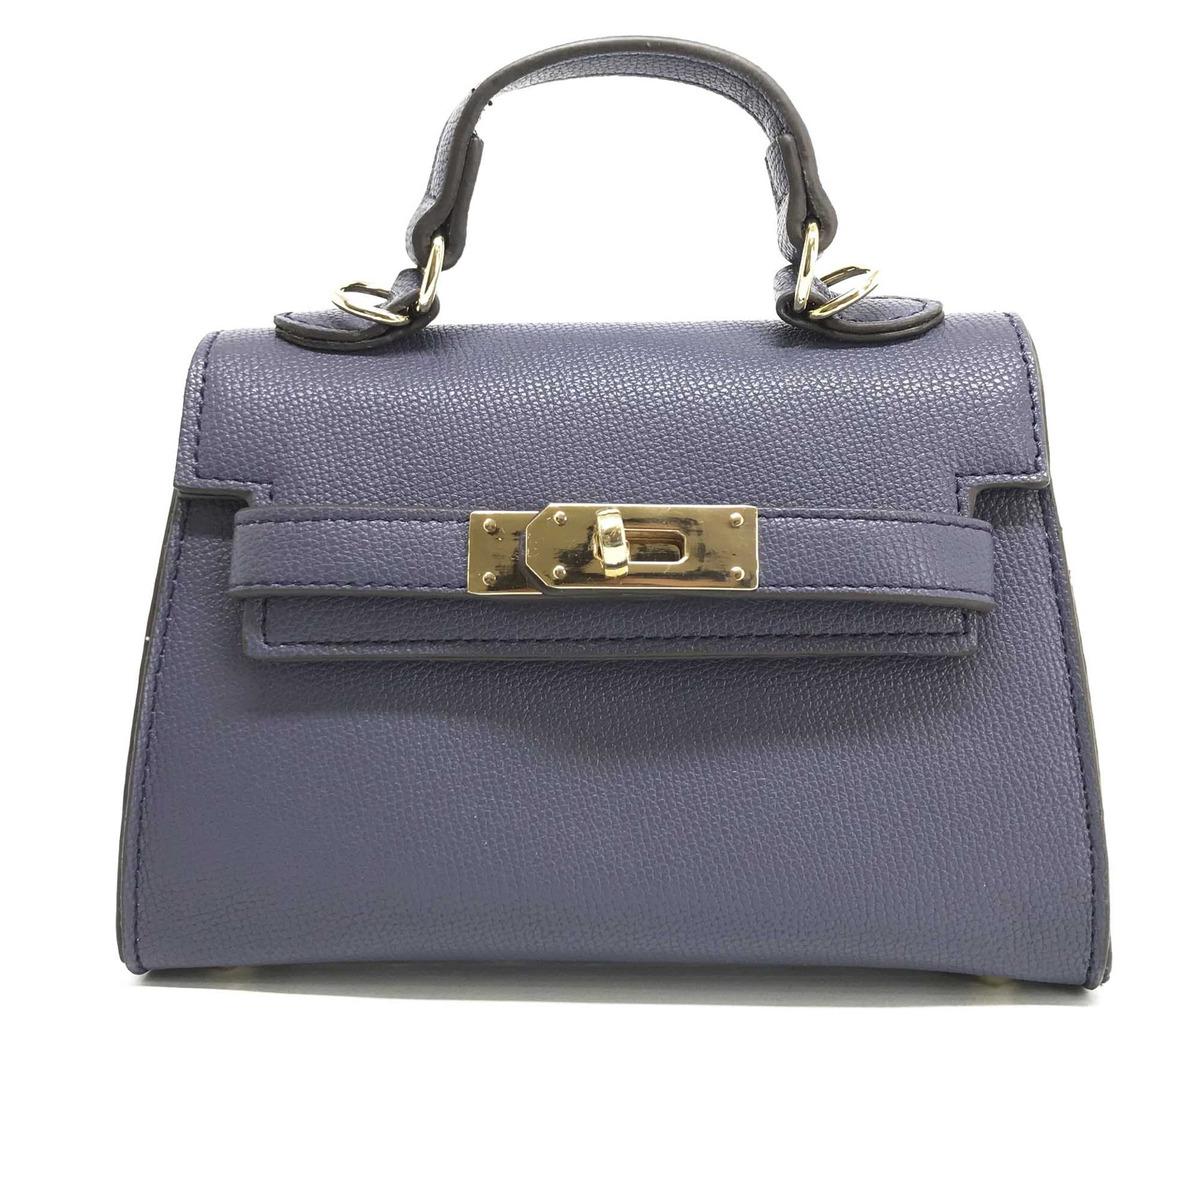 89d8a6dca bolsa feminina transversal mini bag azul ay064-2. Carregando zoom.